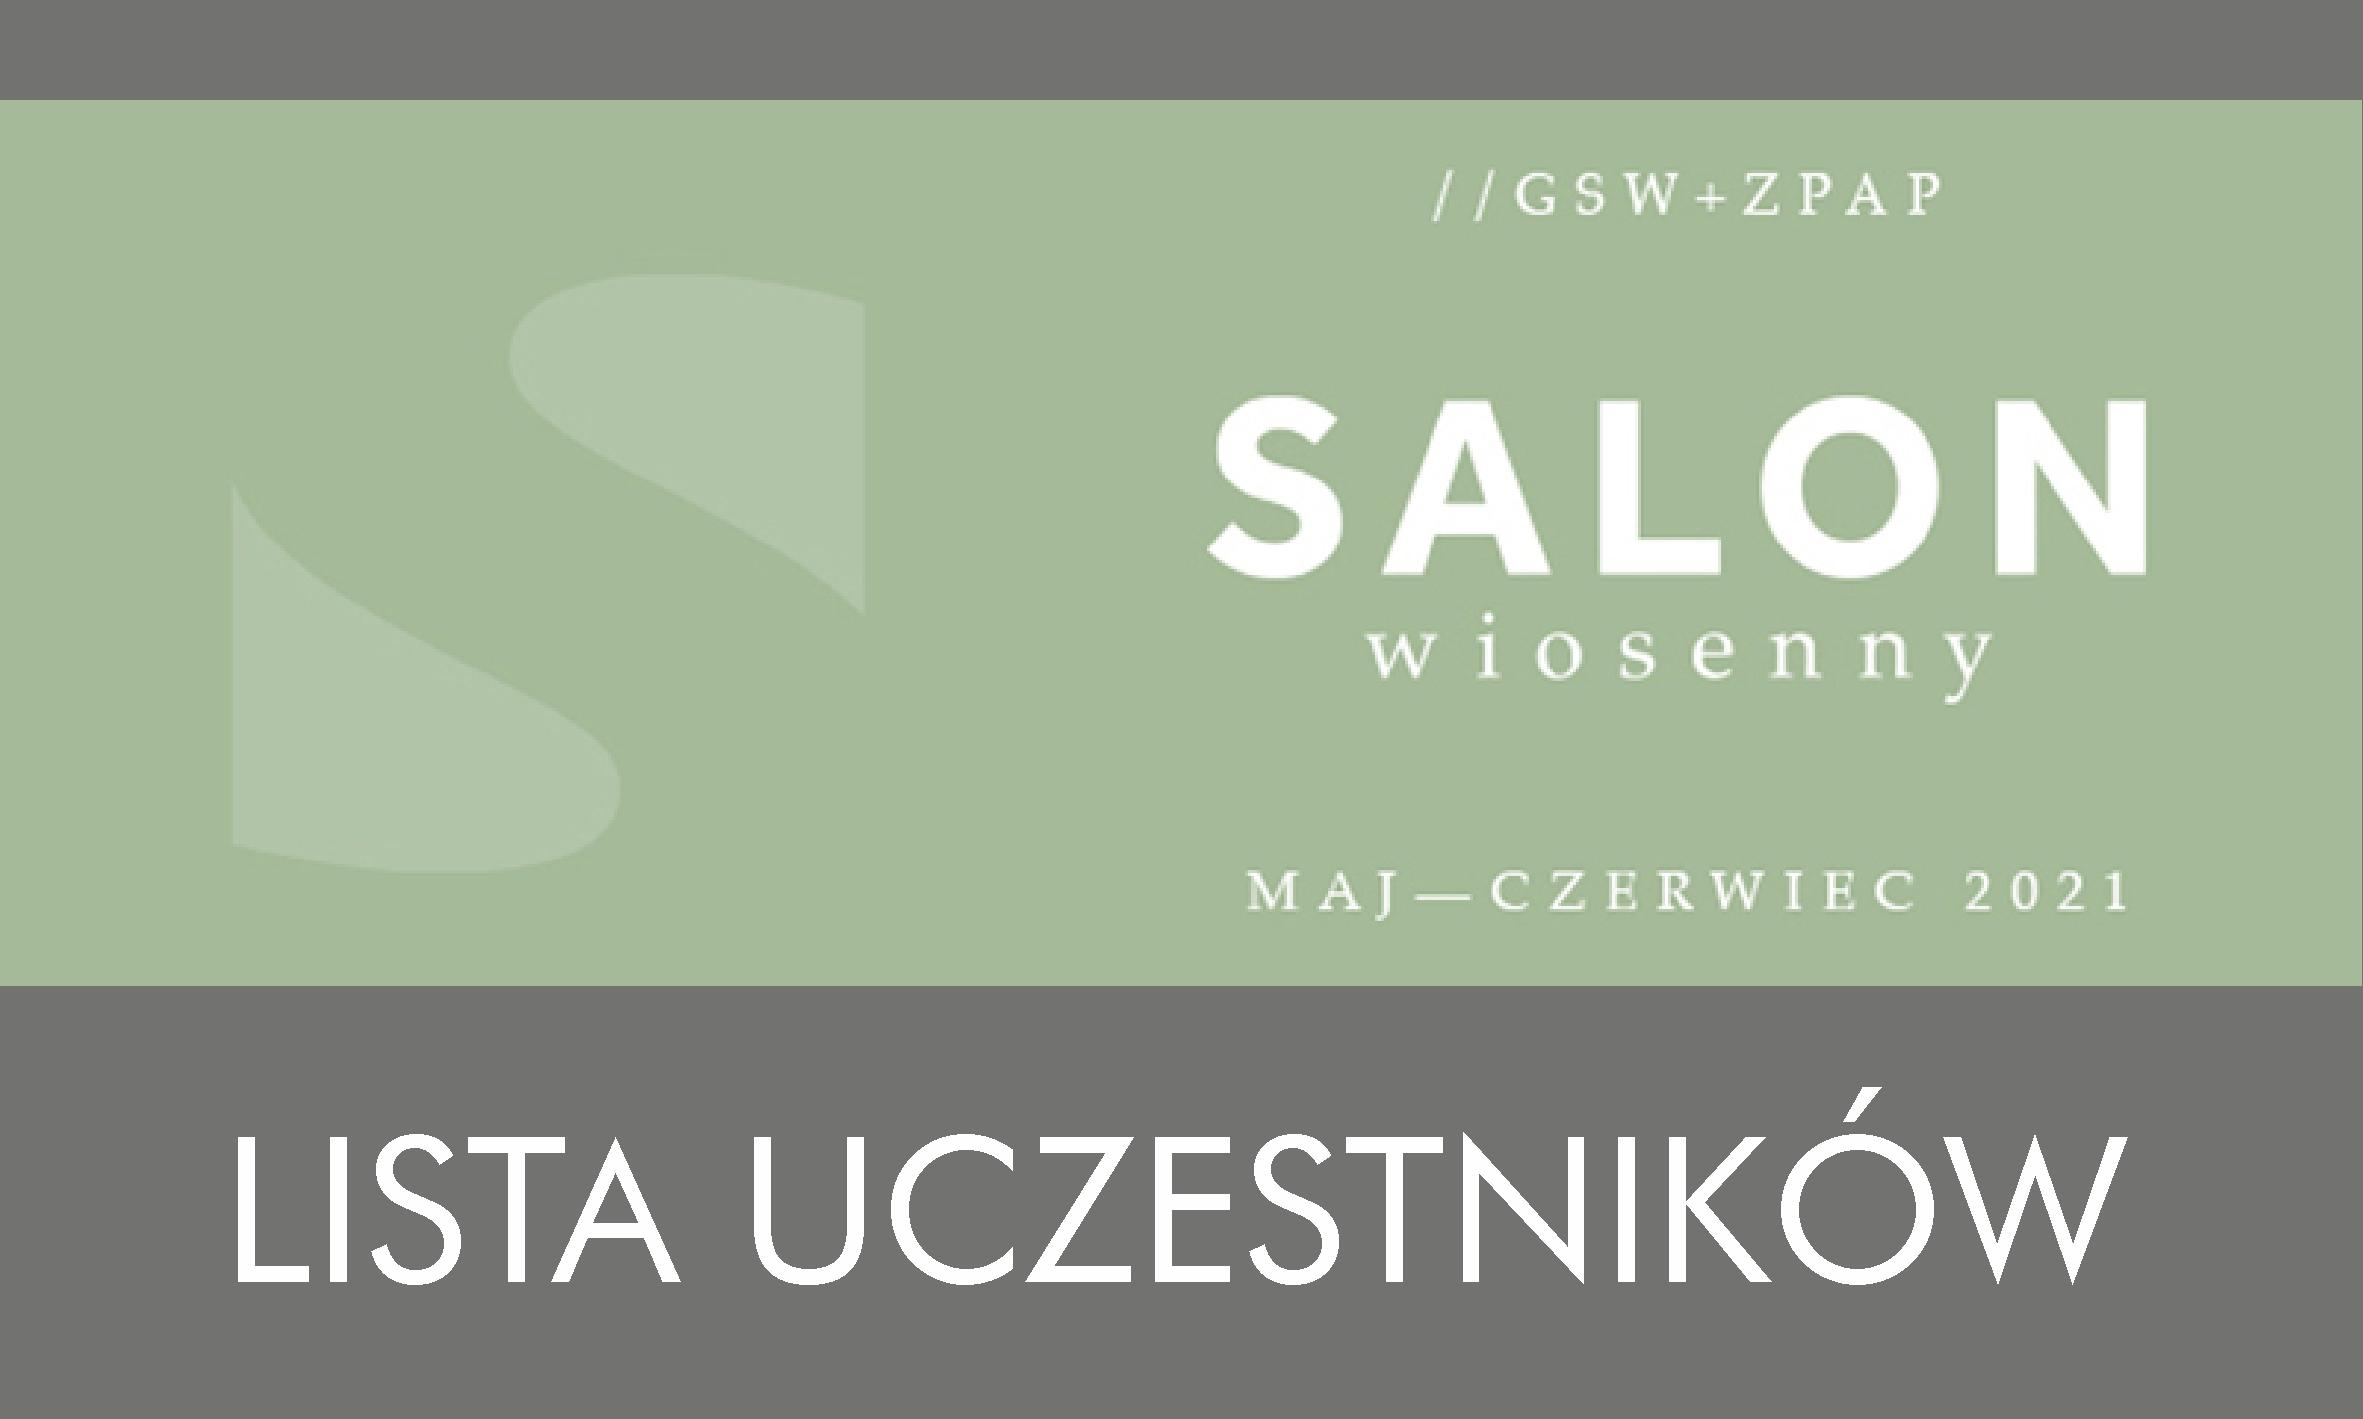 Lista uczestników – Salon Wiosenny 2021